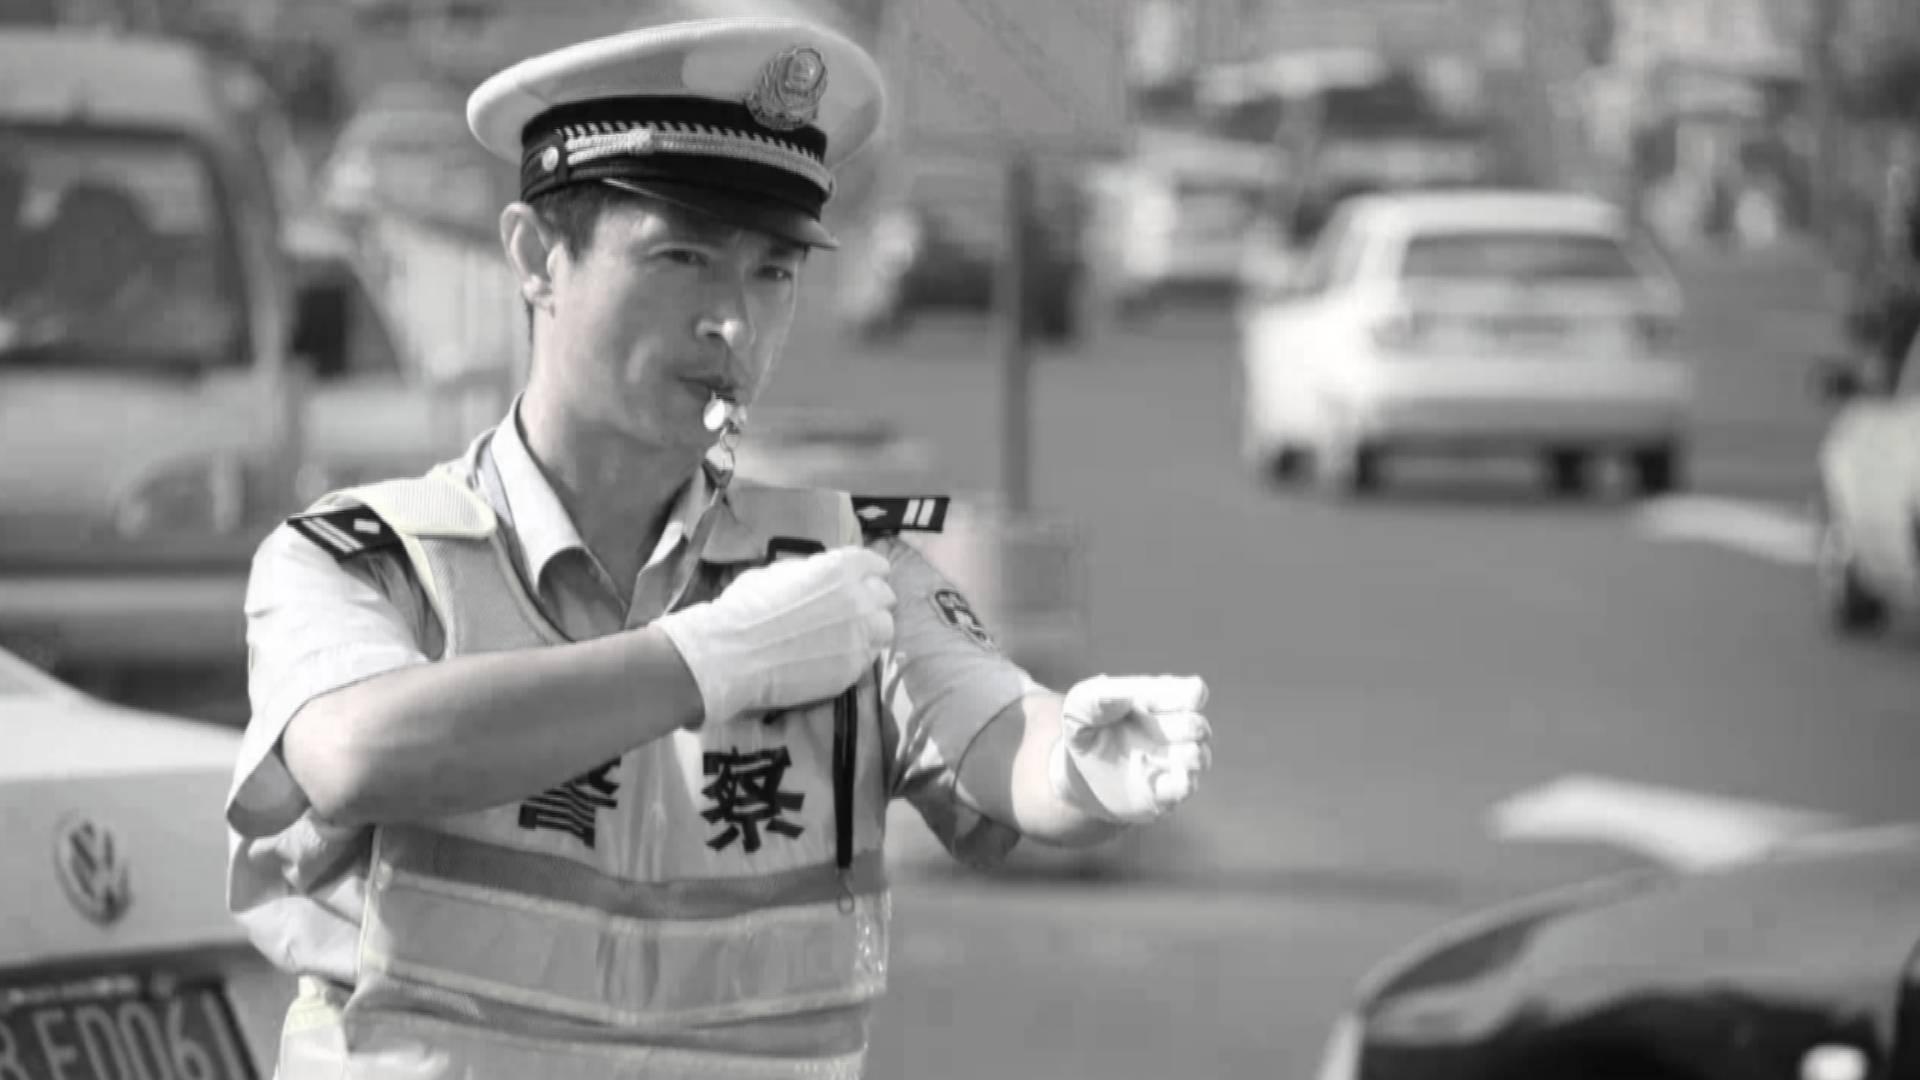 沉痛悼念!3分钟回顾青岛牺牲民警李涌生平